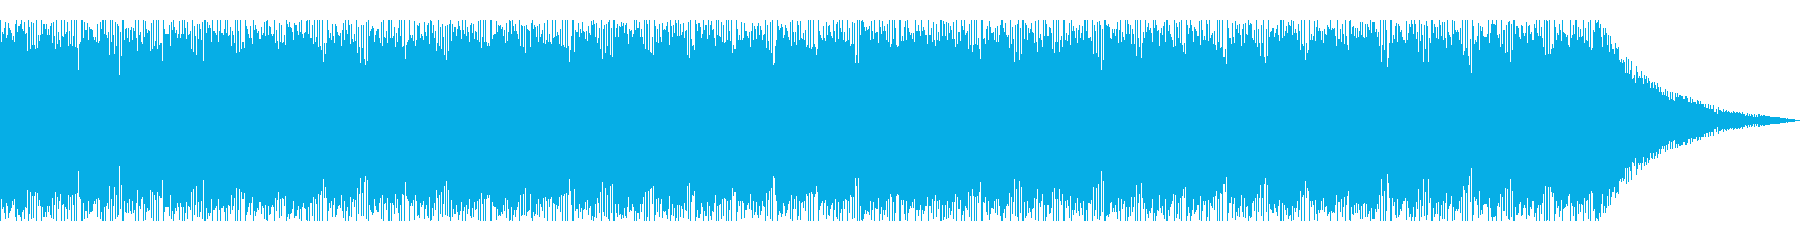 魔宮に迷い込んだような混沌としたループの再生済みの波形